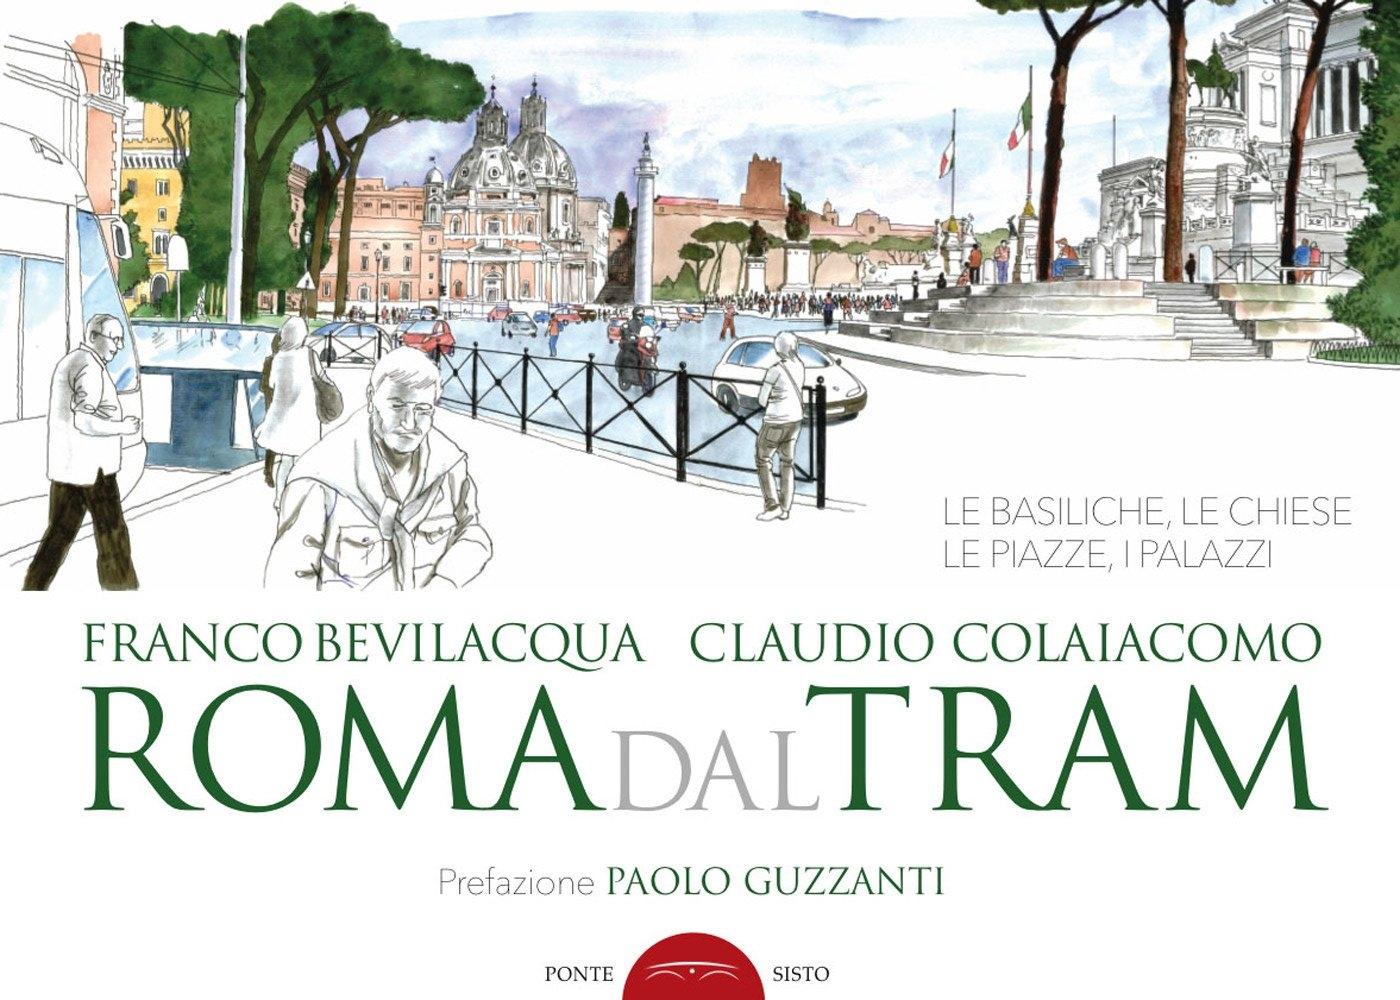 Roma dal tram. Le basiliche, le chiese, le piazze, i palazzi. Ediz. a colori